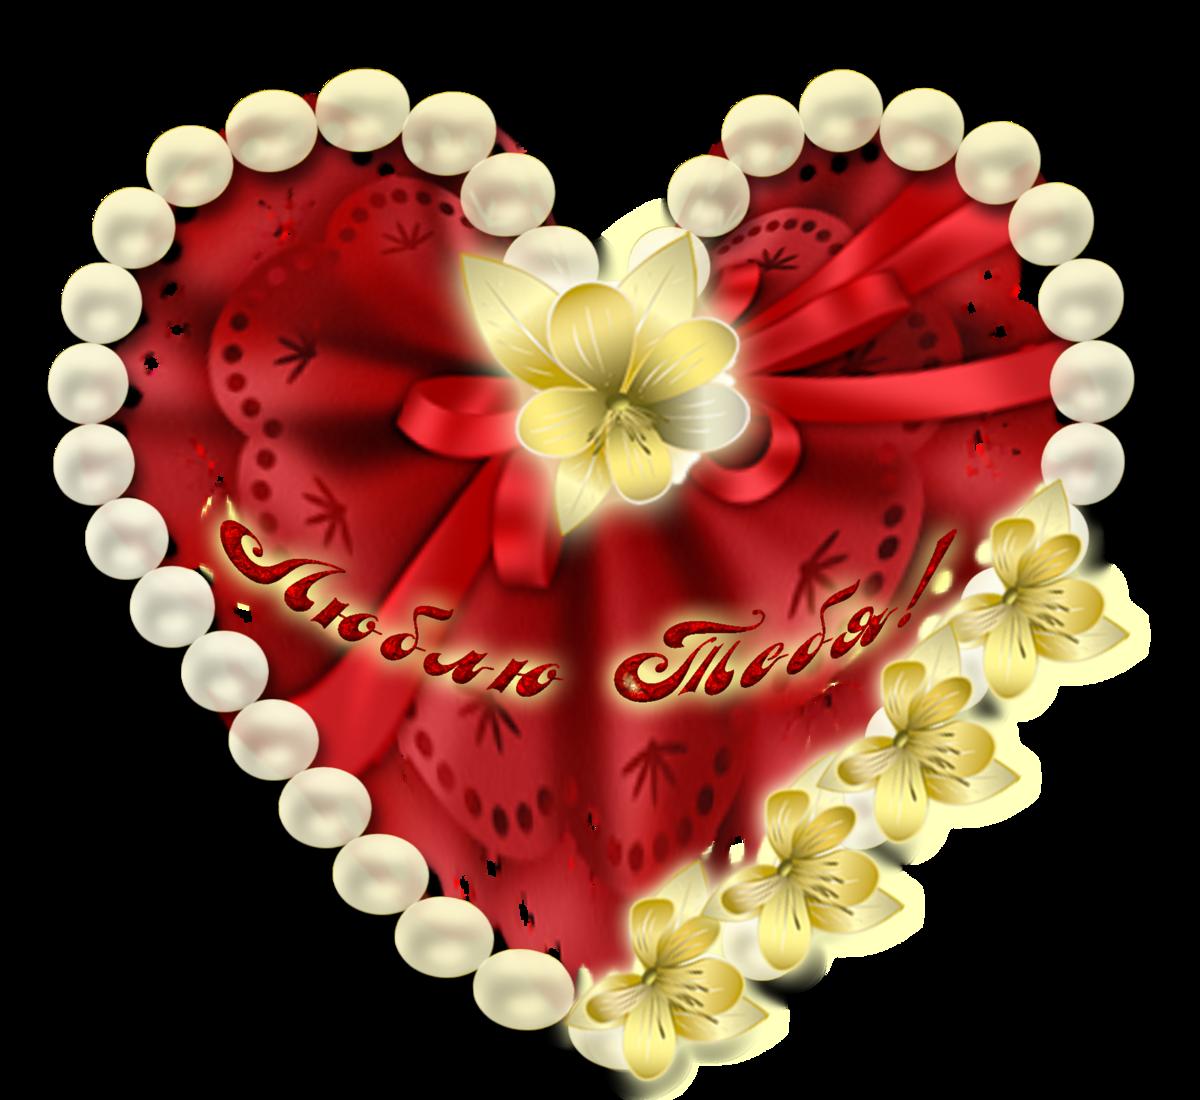 Для, красивые сердечки картинки анимация